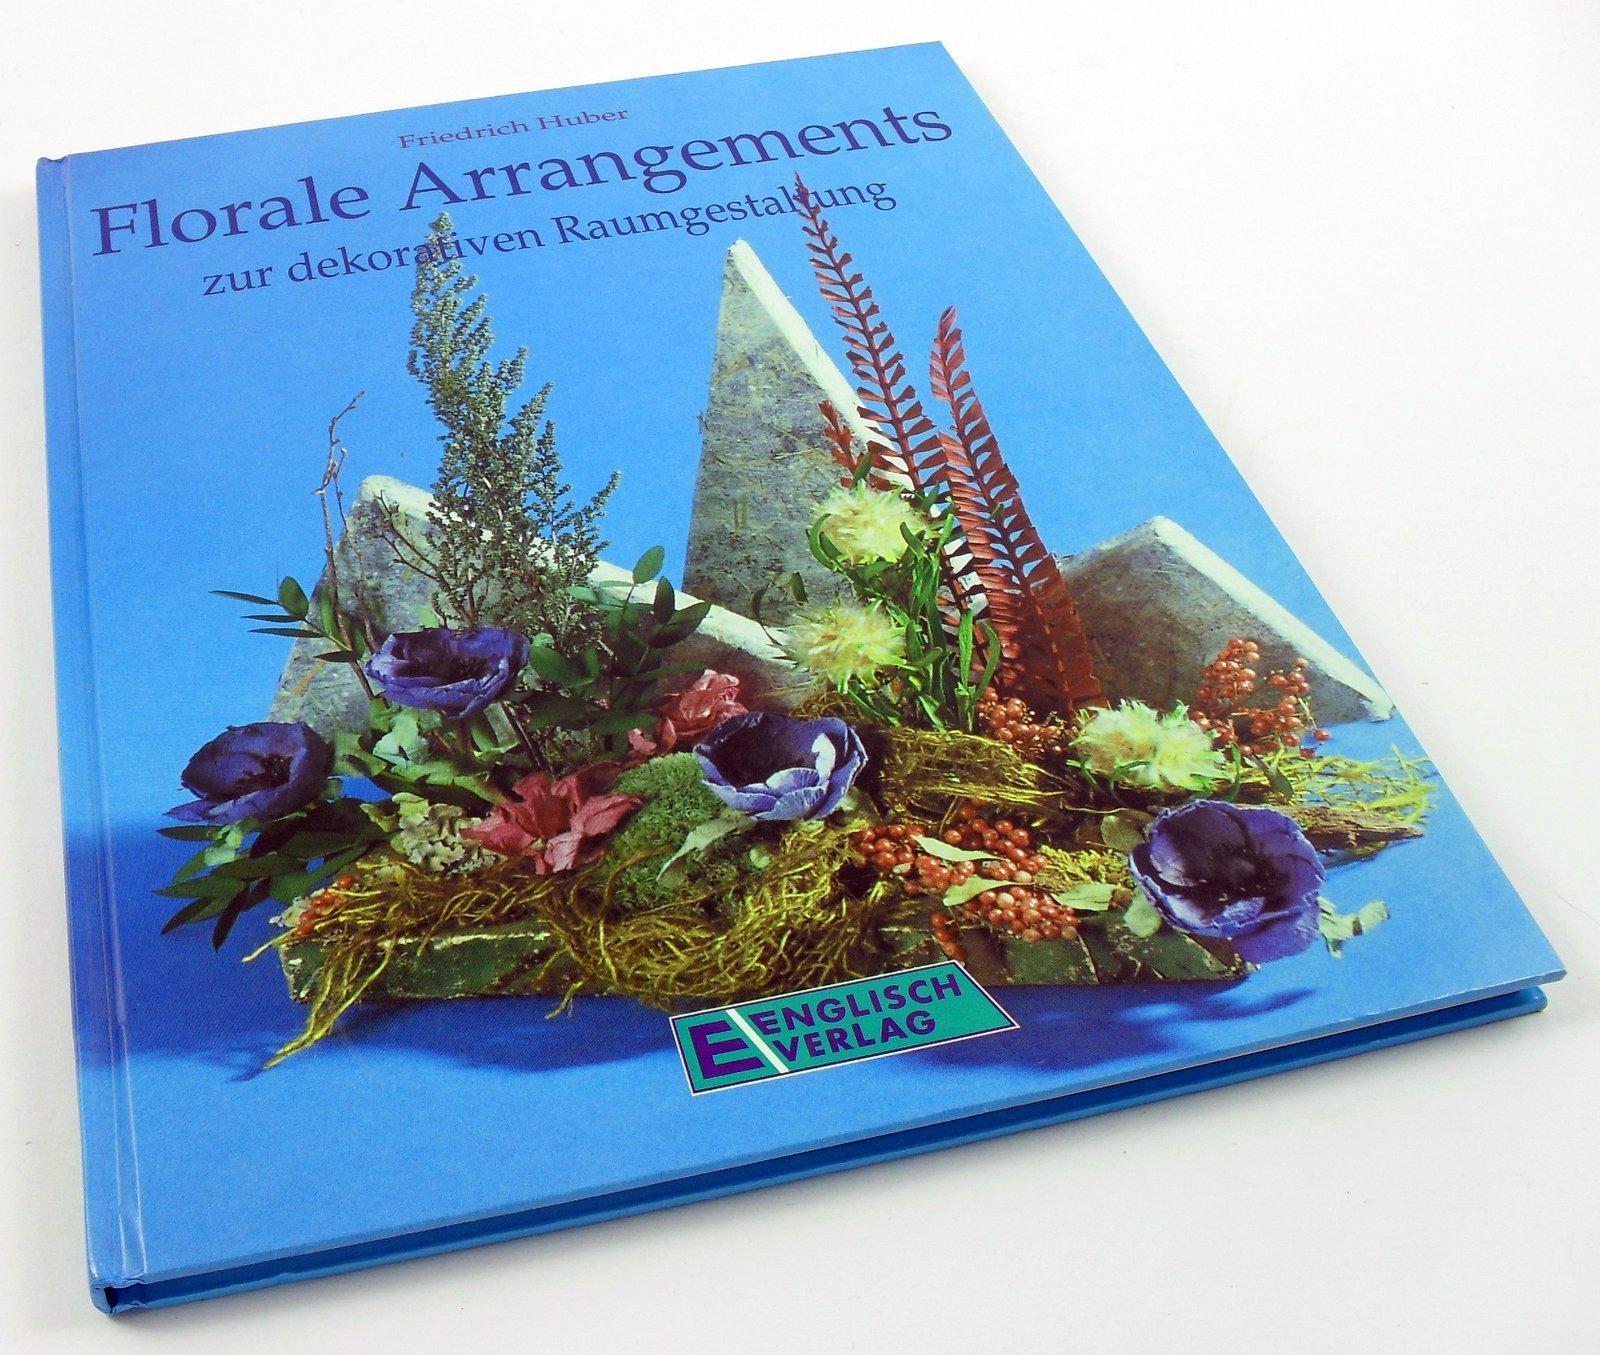 Florale Arrangements zur dekorativen Raumgestaltung.: Huber, Friedrich: